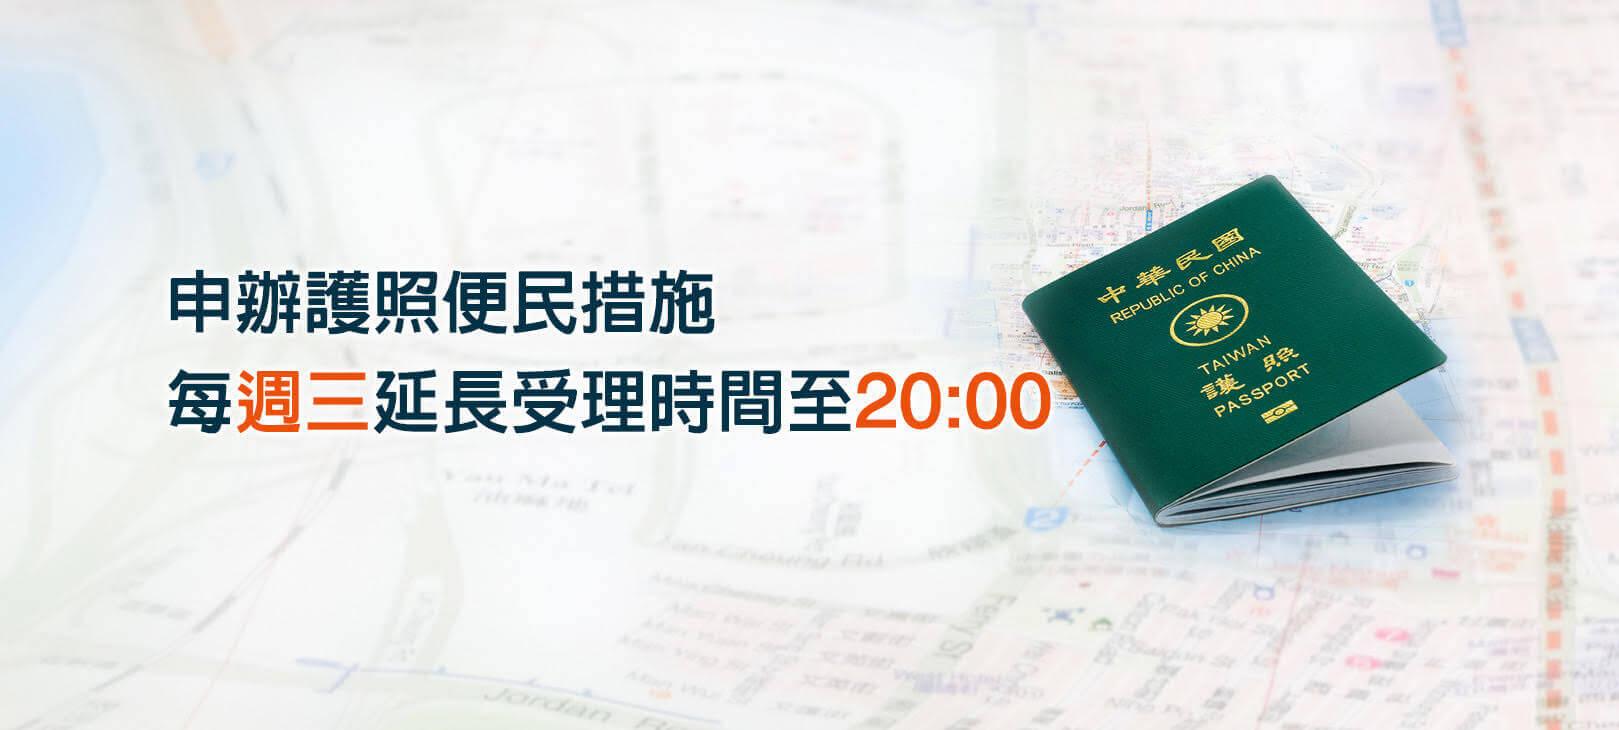 申辦護照便民措施,每週三延長受理時間至晚上八點